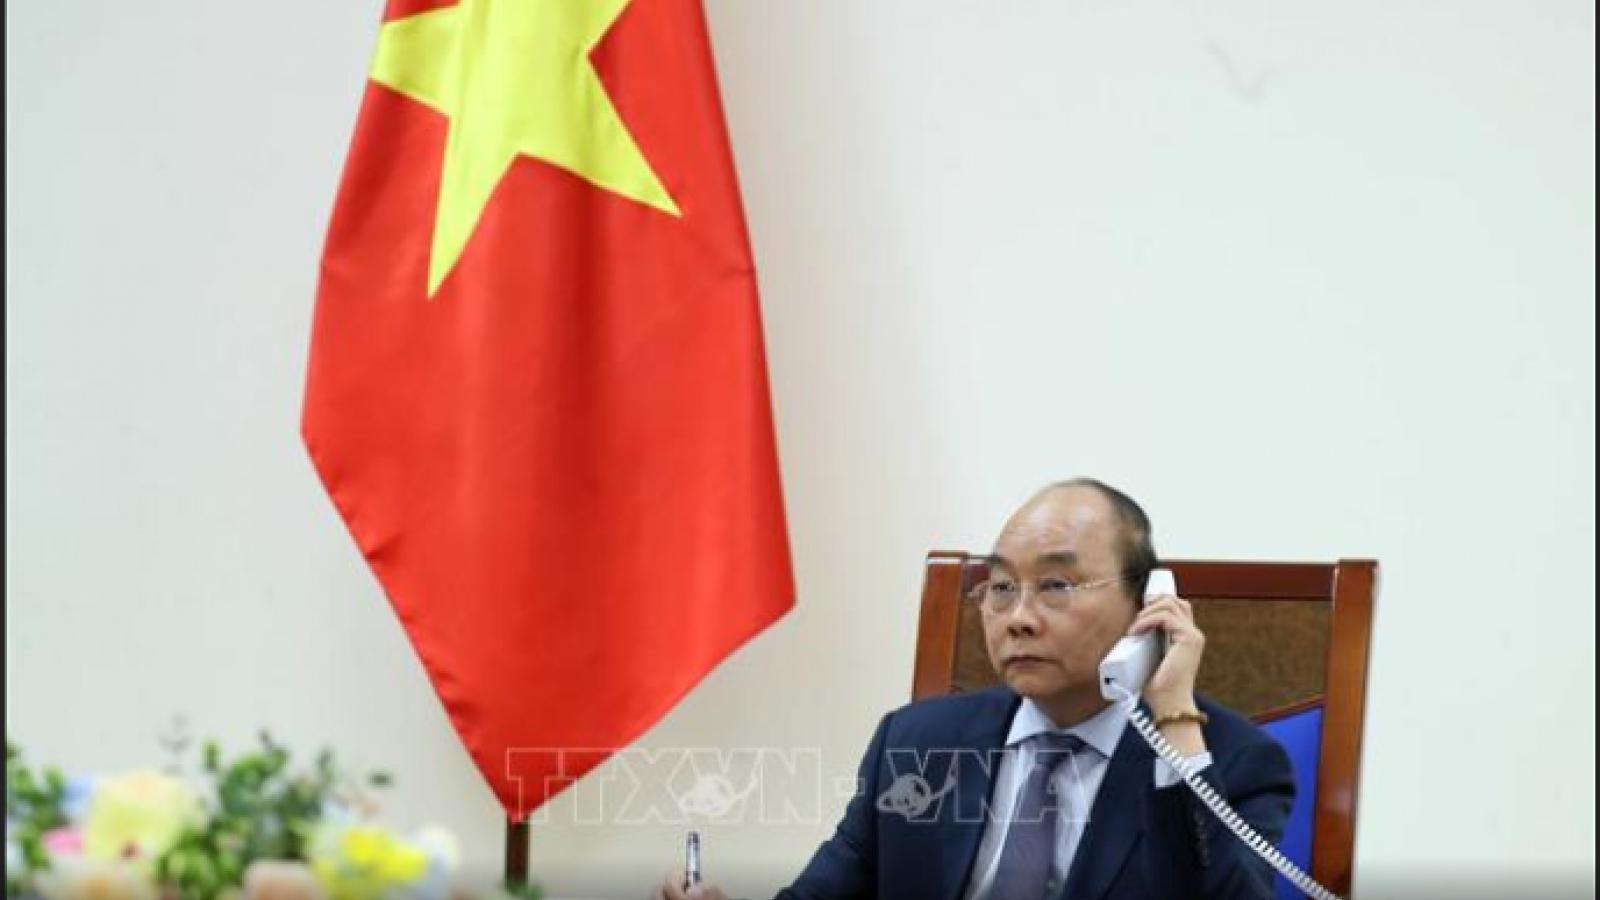 Thủ tướng Nhật Bản ấn tượng về kết quả phòng chống Covid-19 của Việt Nam